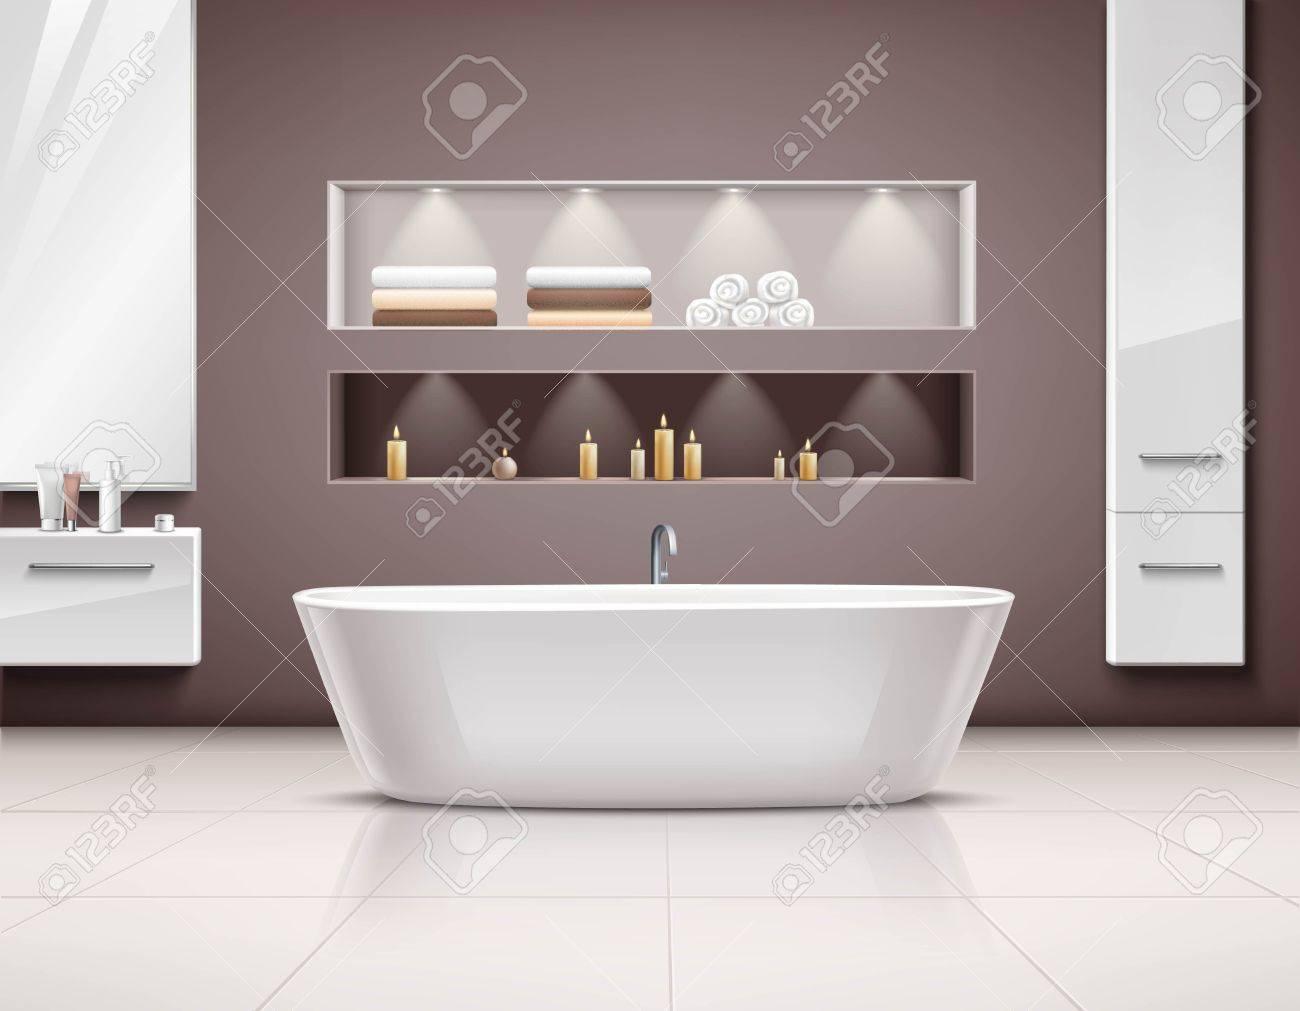 Luxuriöses Badezimmer Interieur Realstic Design Mit Weißen Bad Und ...